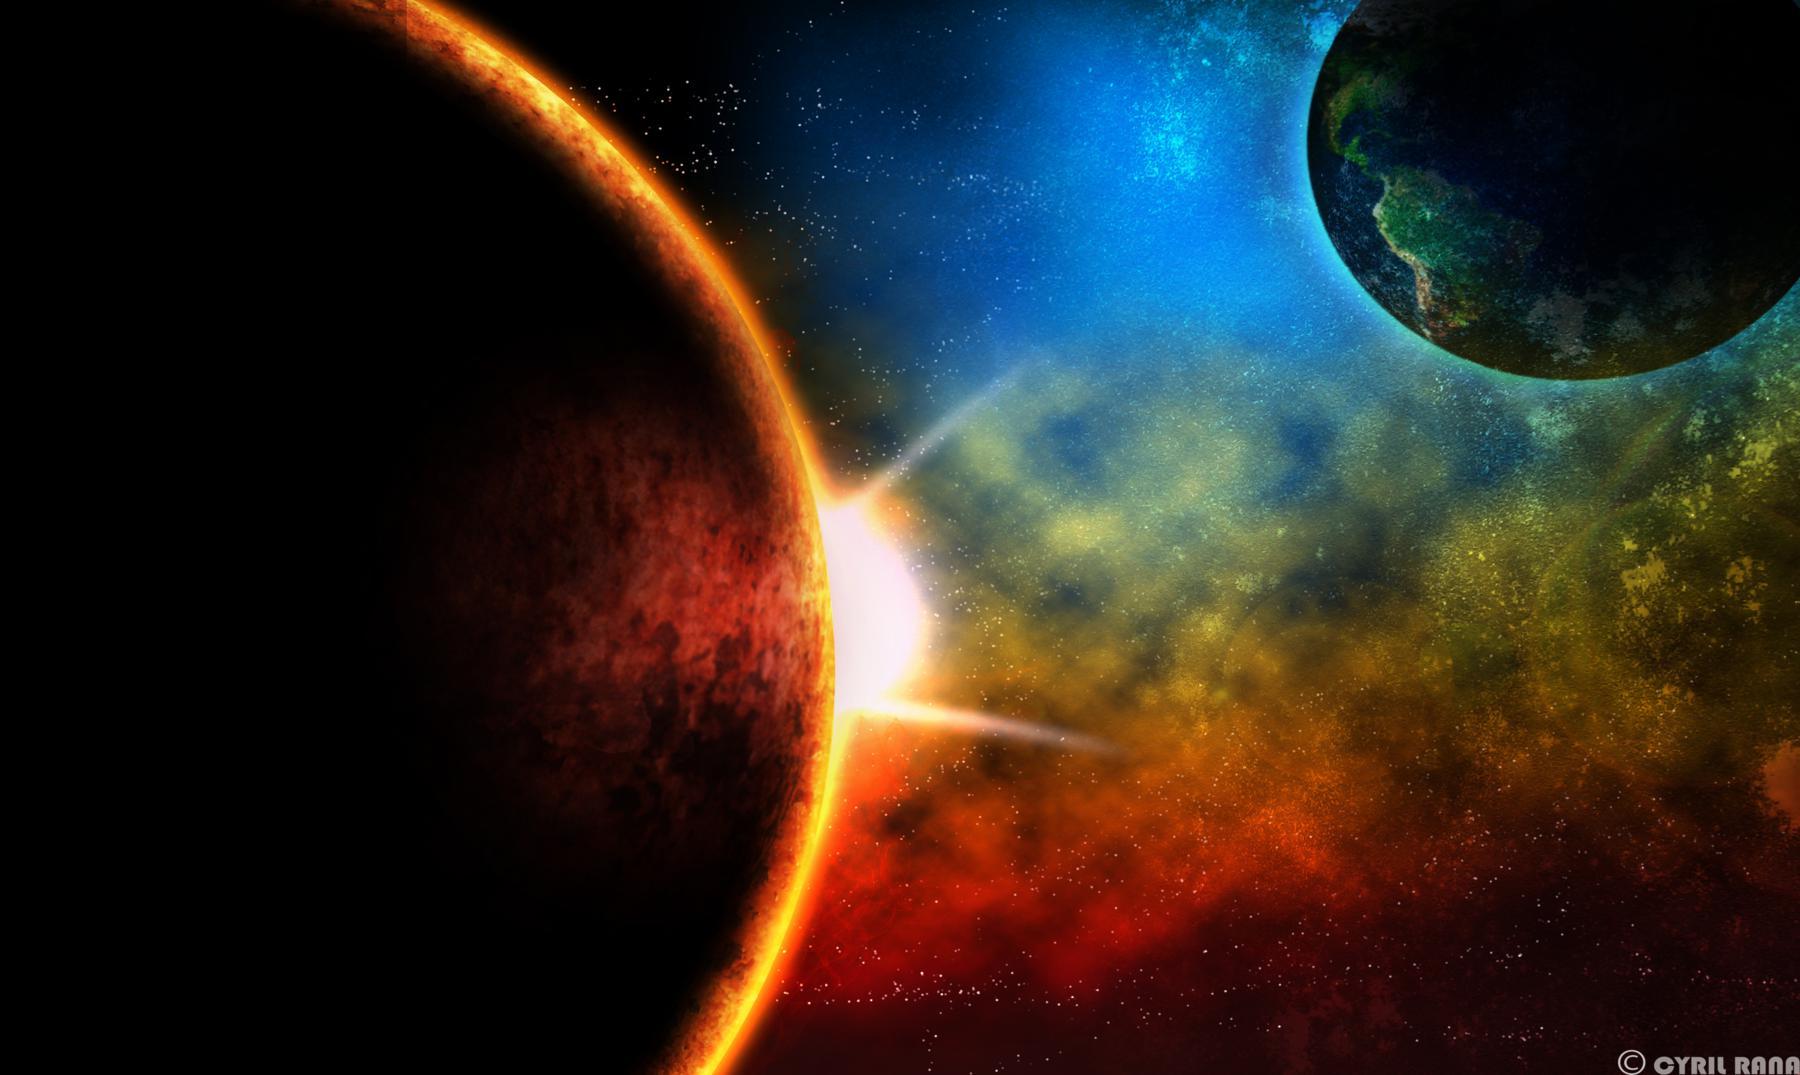 ¿Sabes cómo suenan los planetas del Sistema Solar?